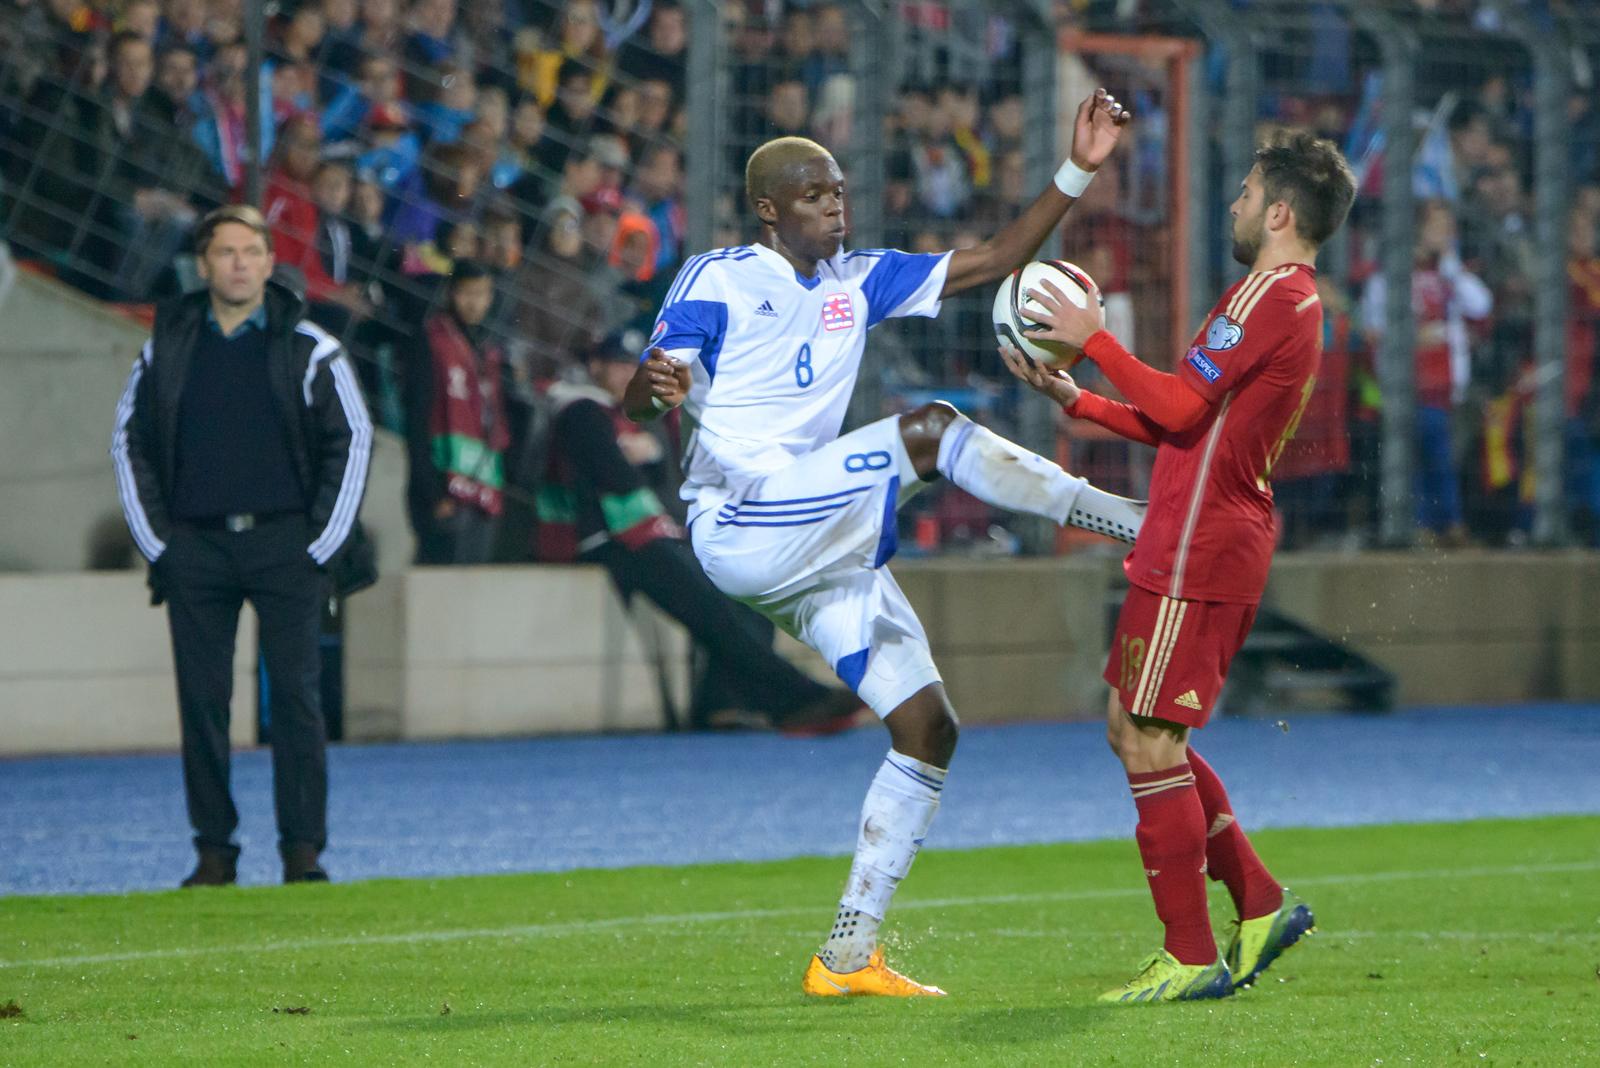 14-10-12 Luxemburg - Spanien - 039